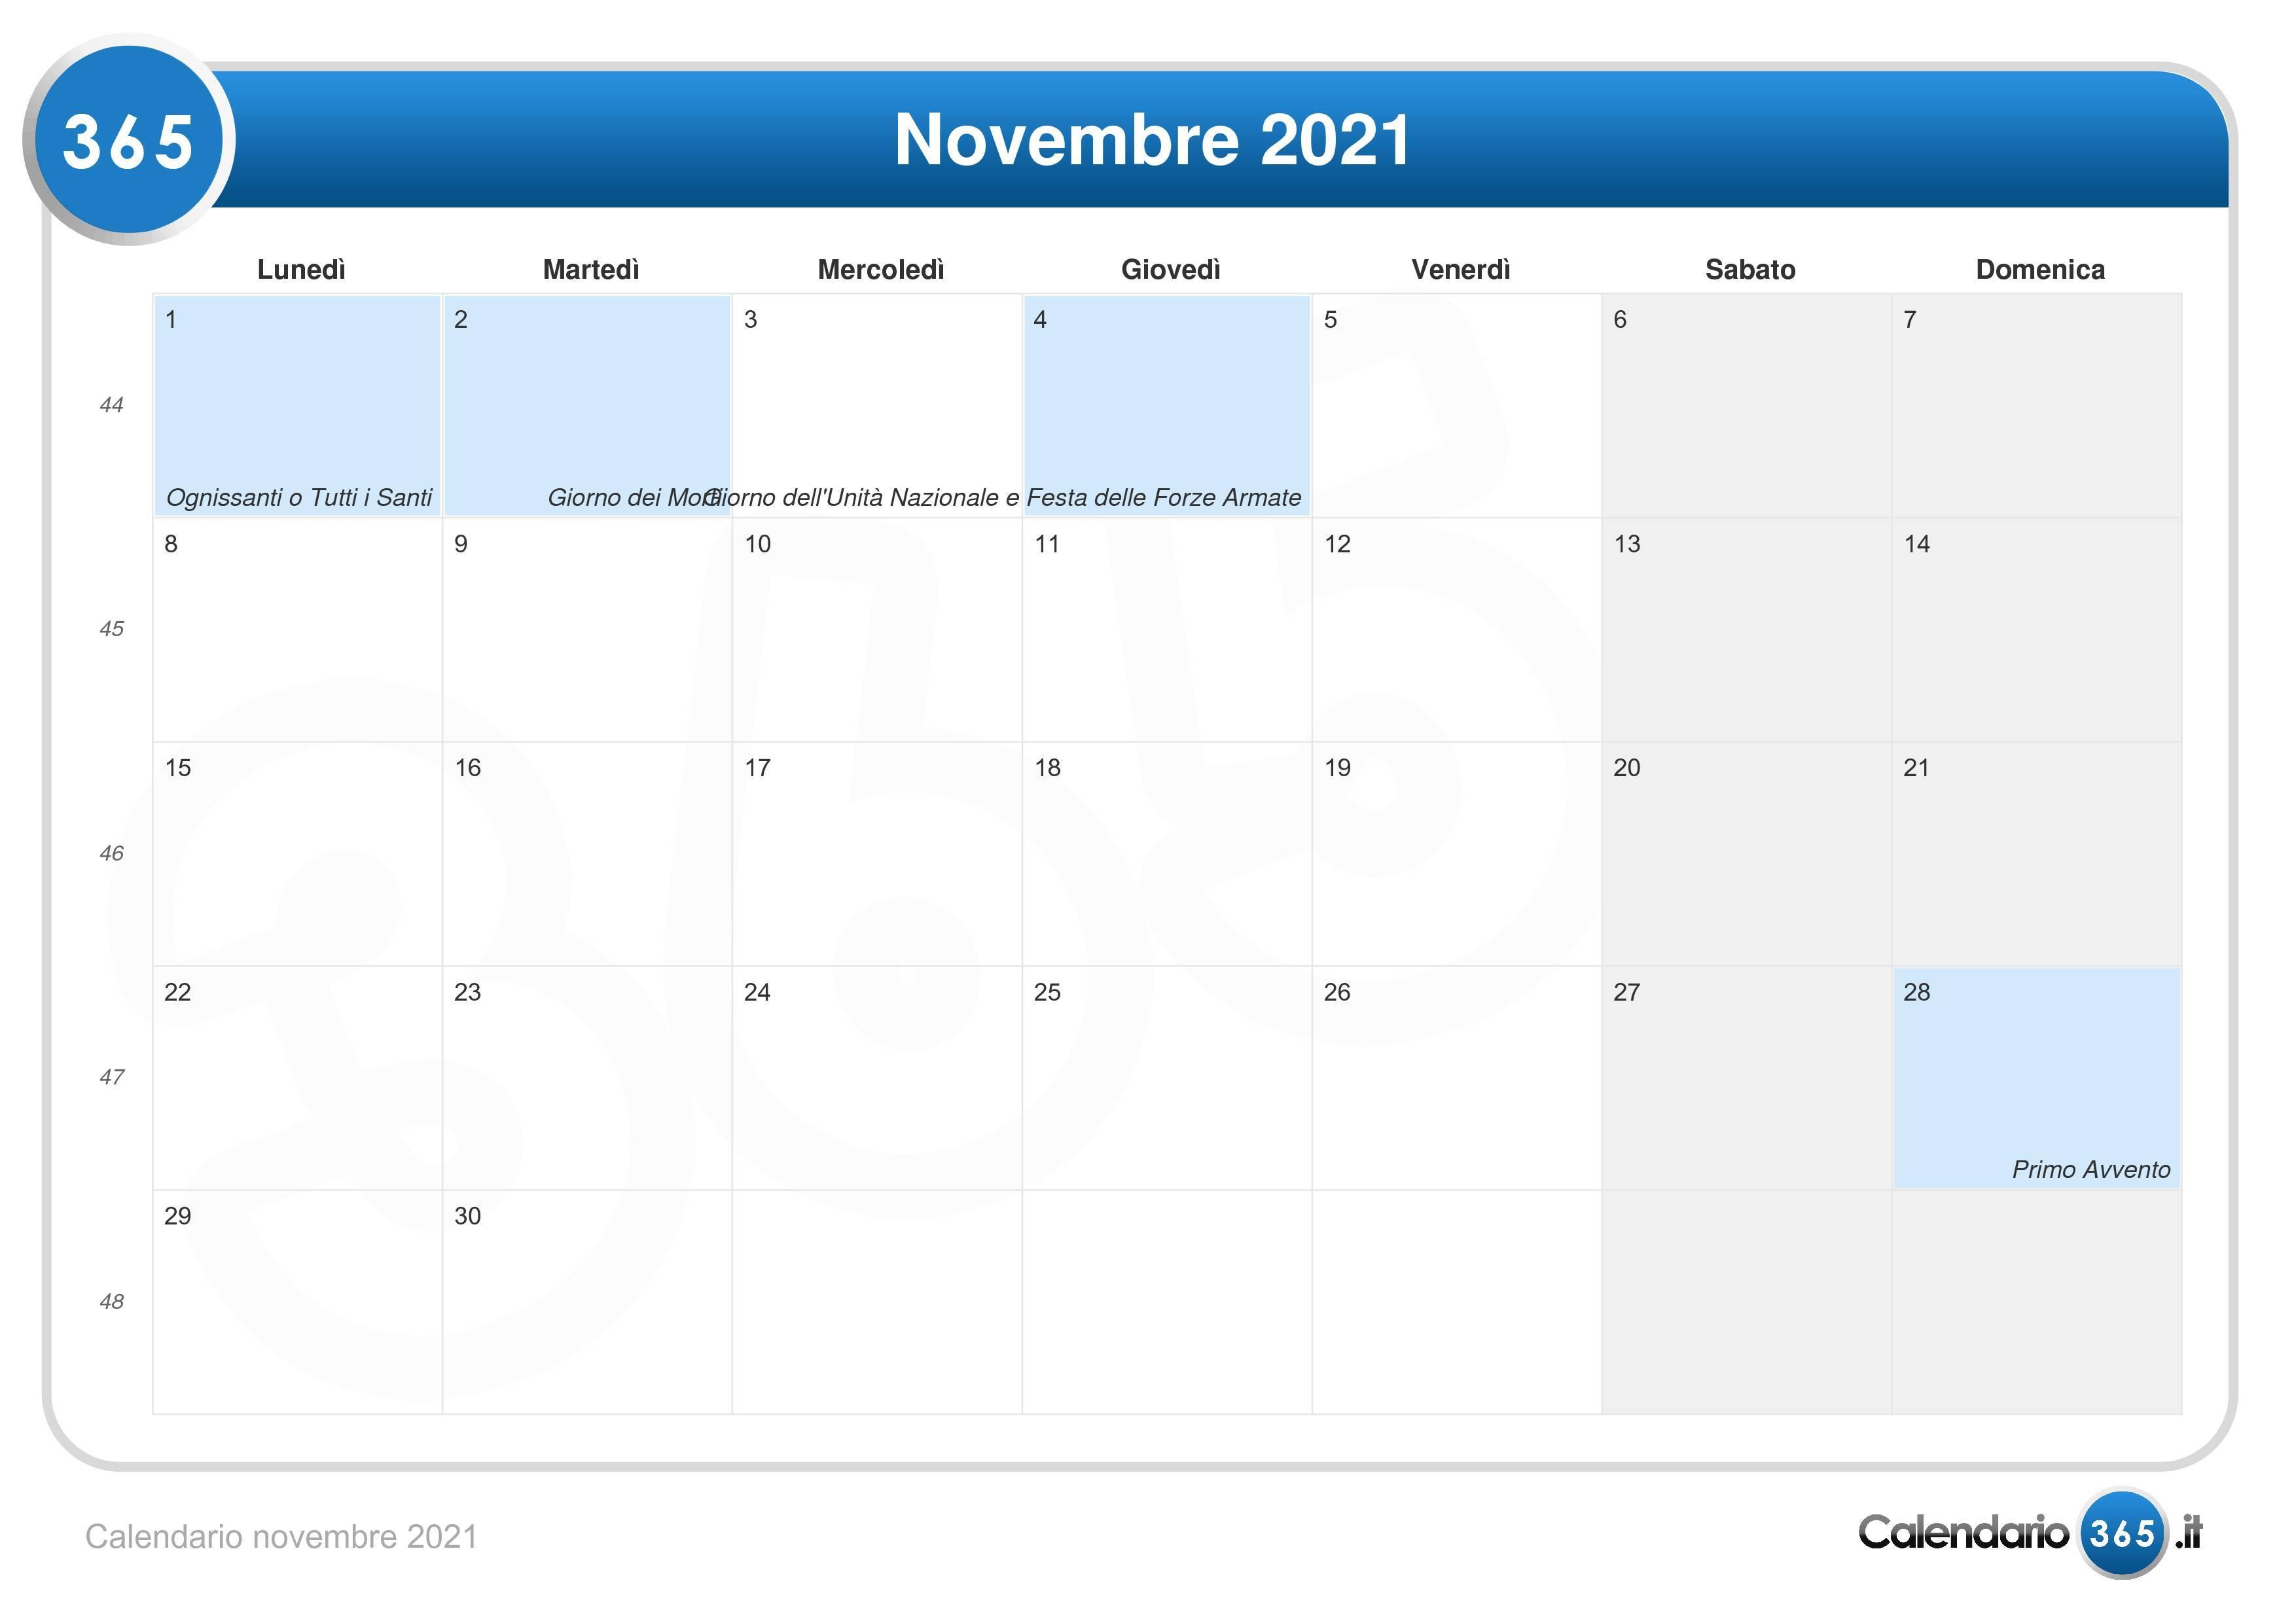 Calendario novembre 2021